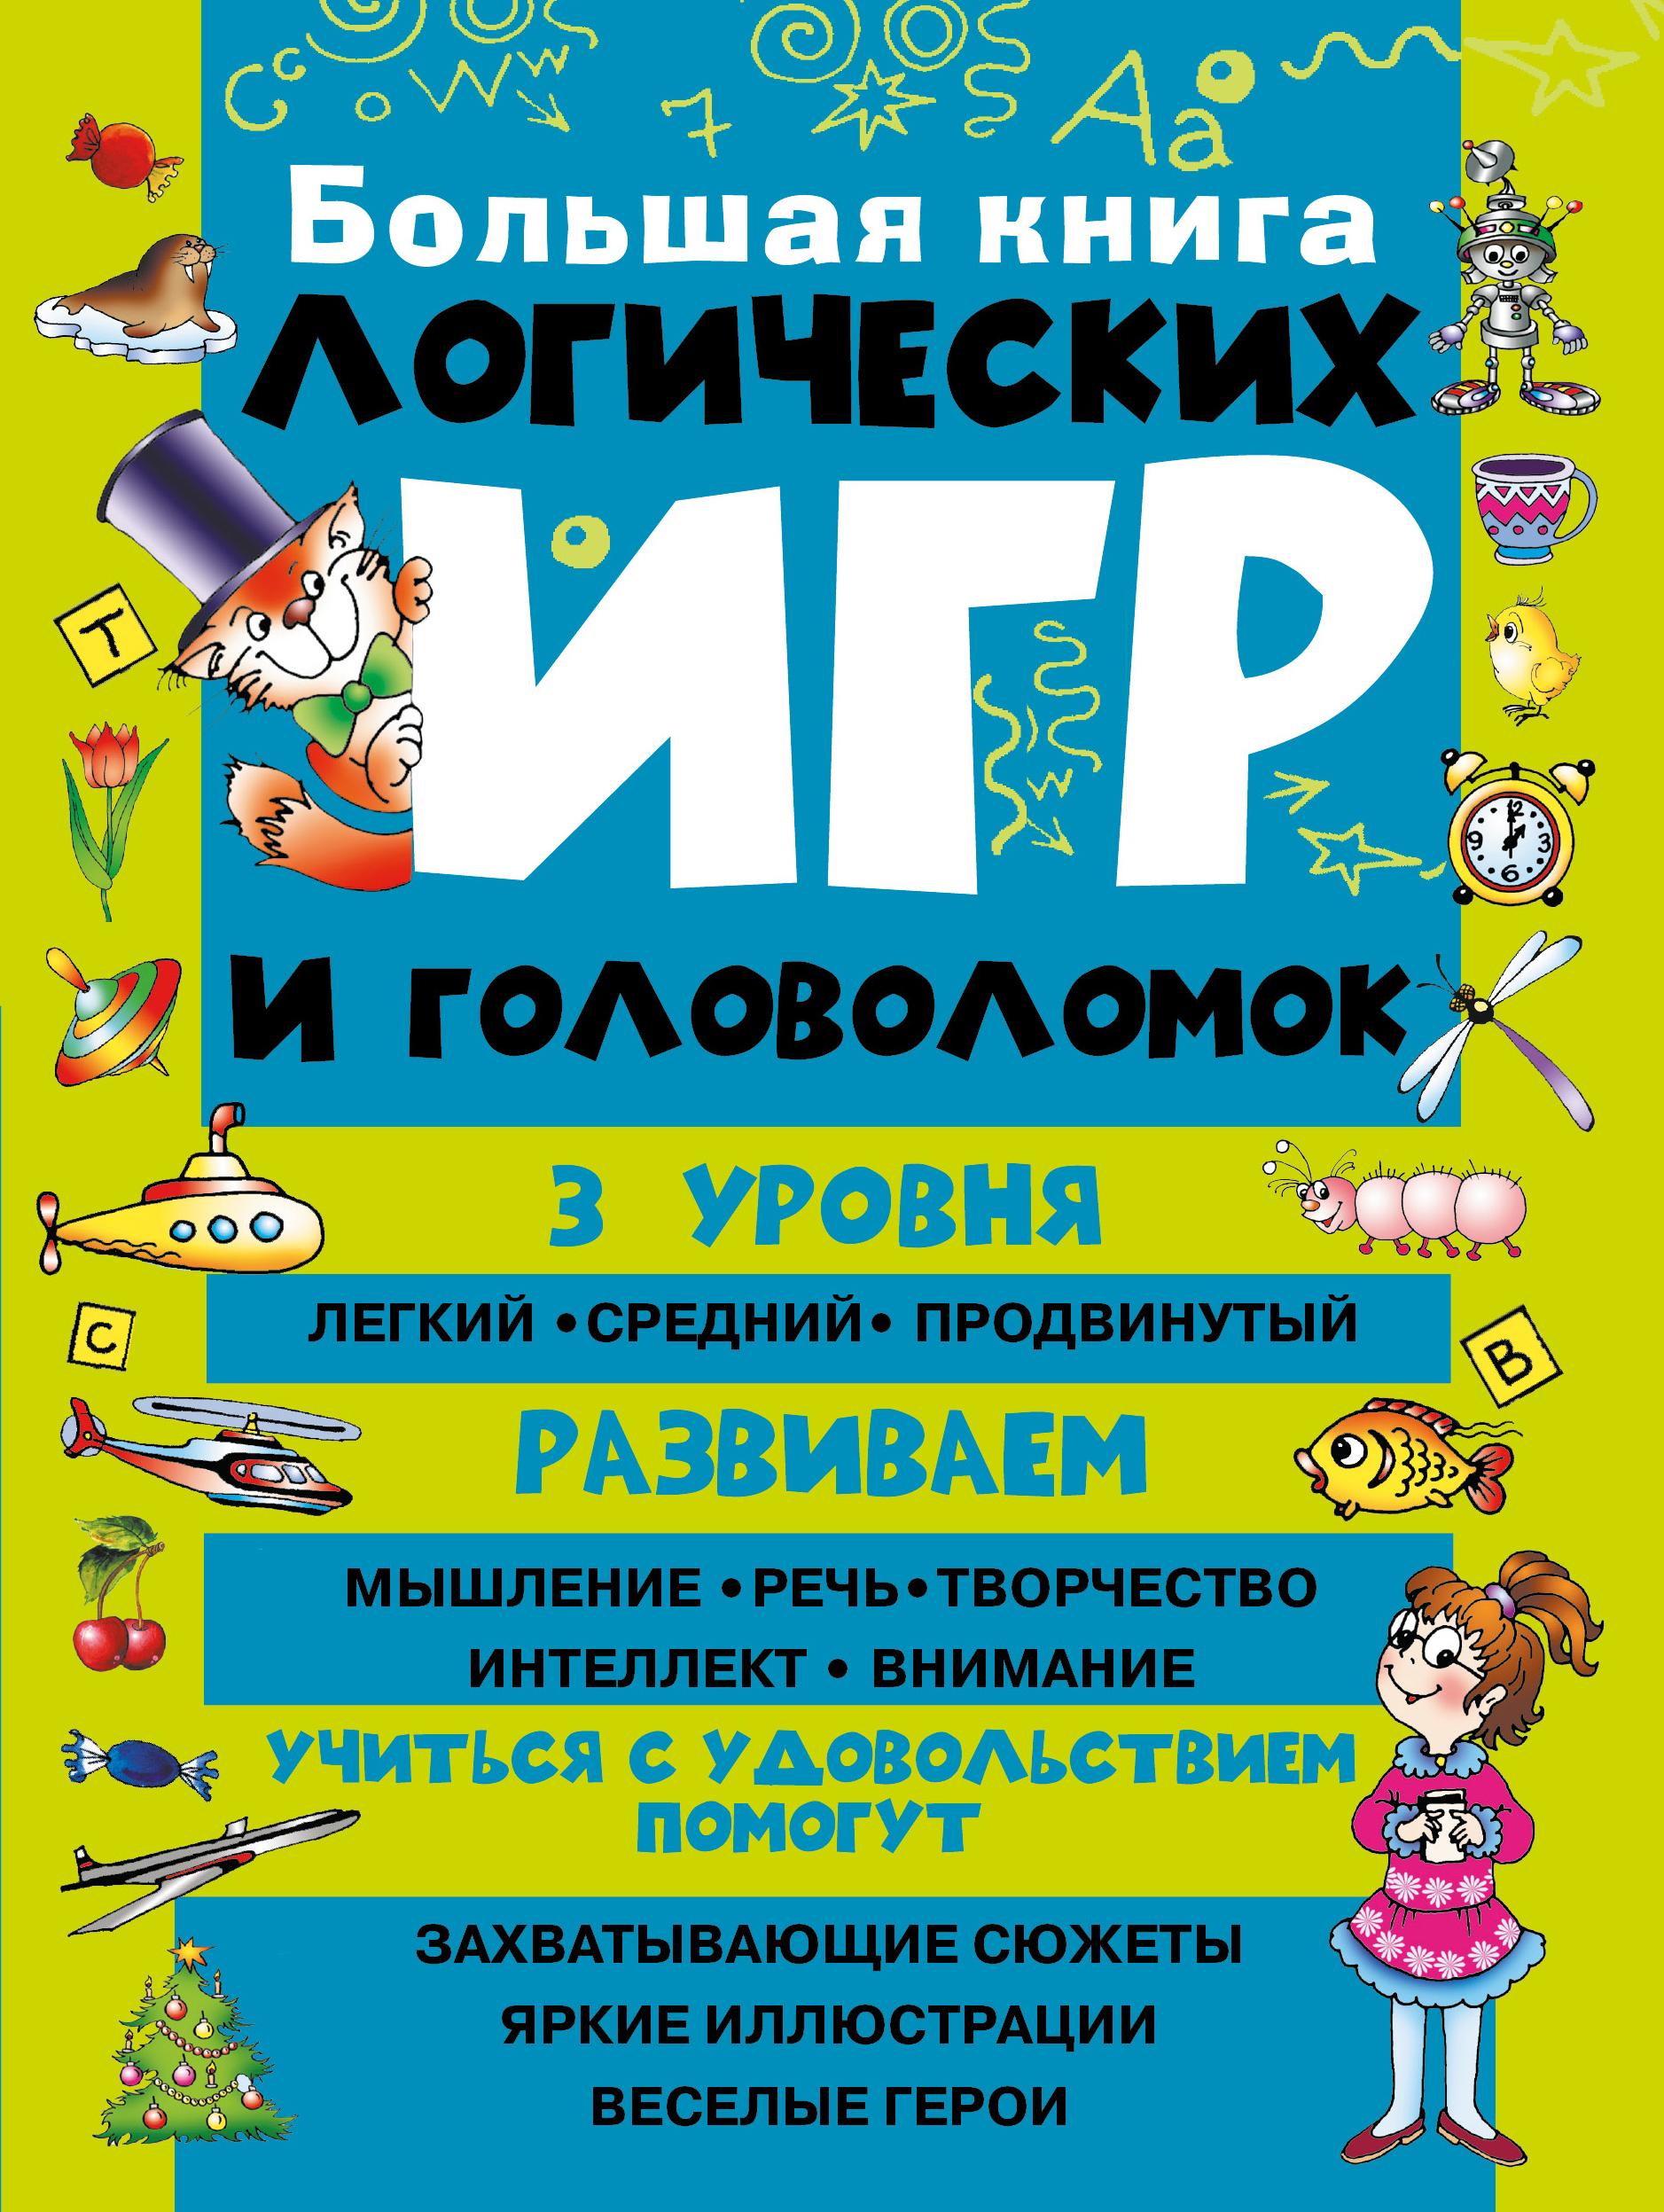 Гордиенко Н.И. Большая книга логических игр и головоломок большая книга игр и головоломок для мальчиков 2001 наклейка